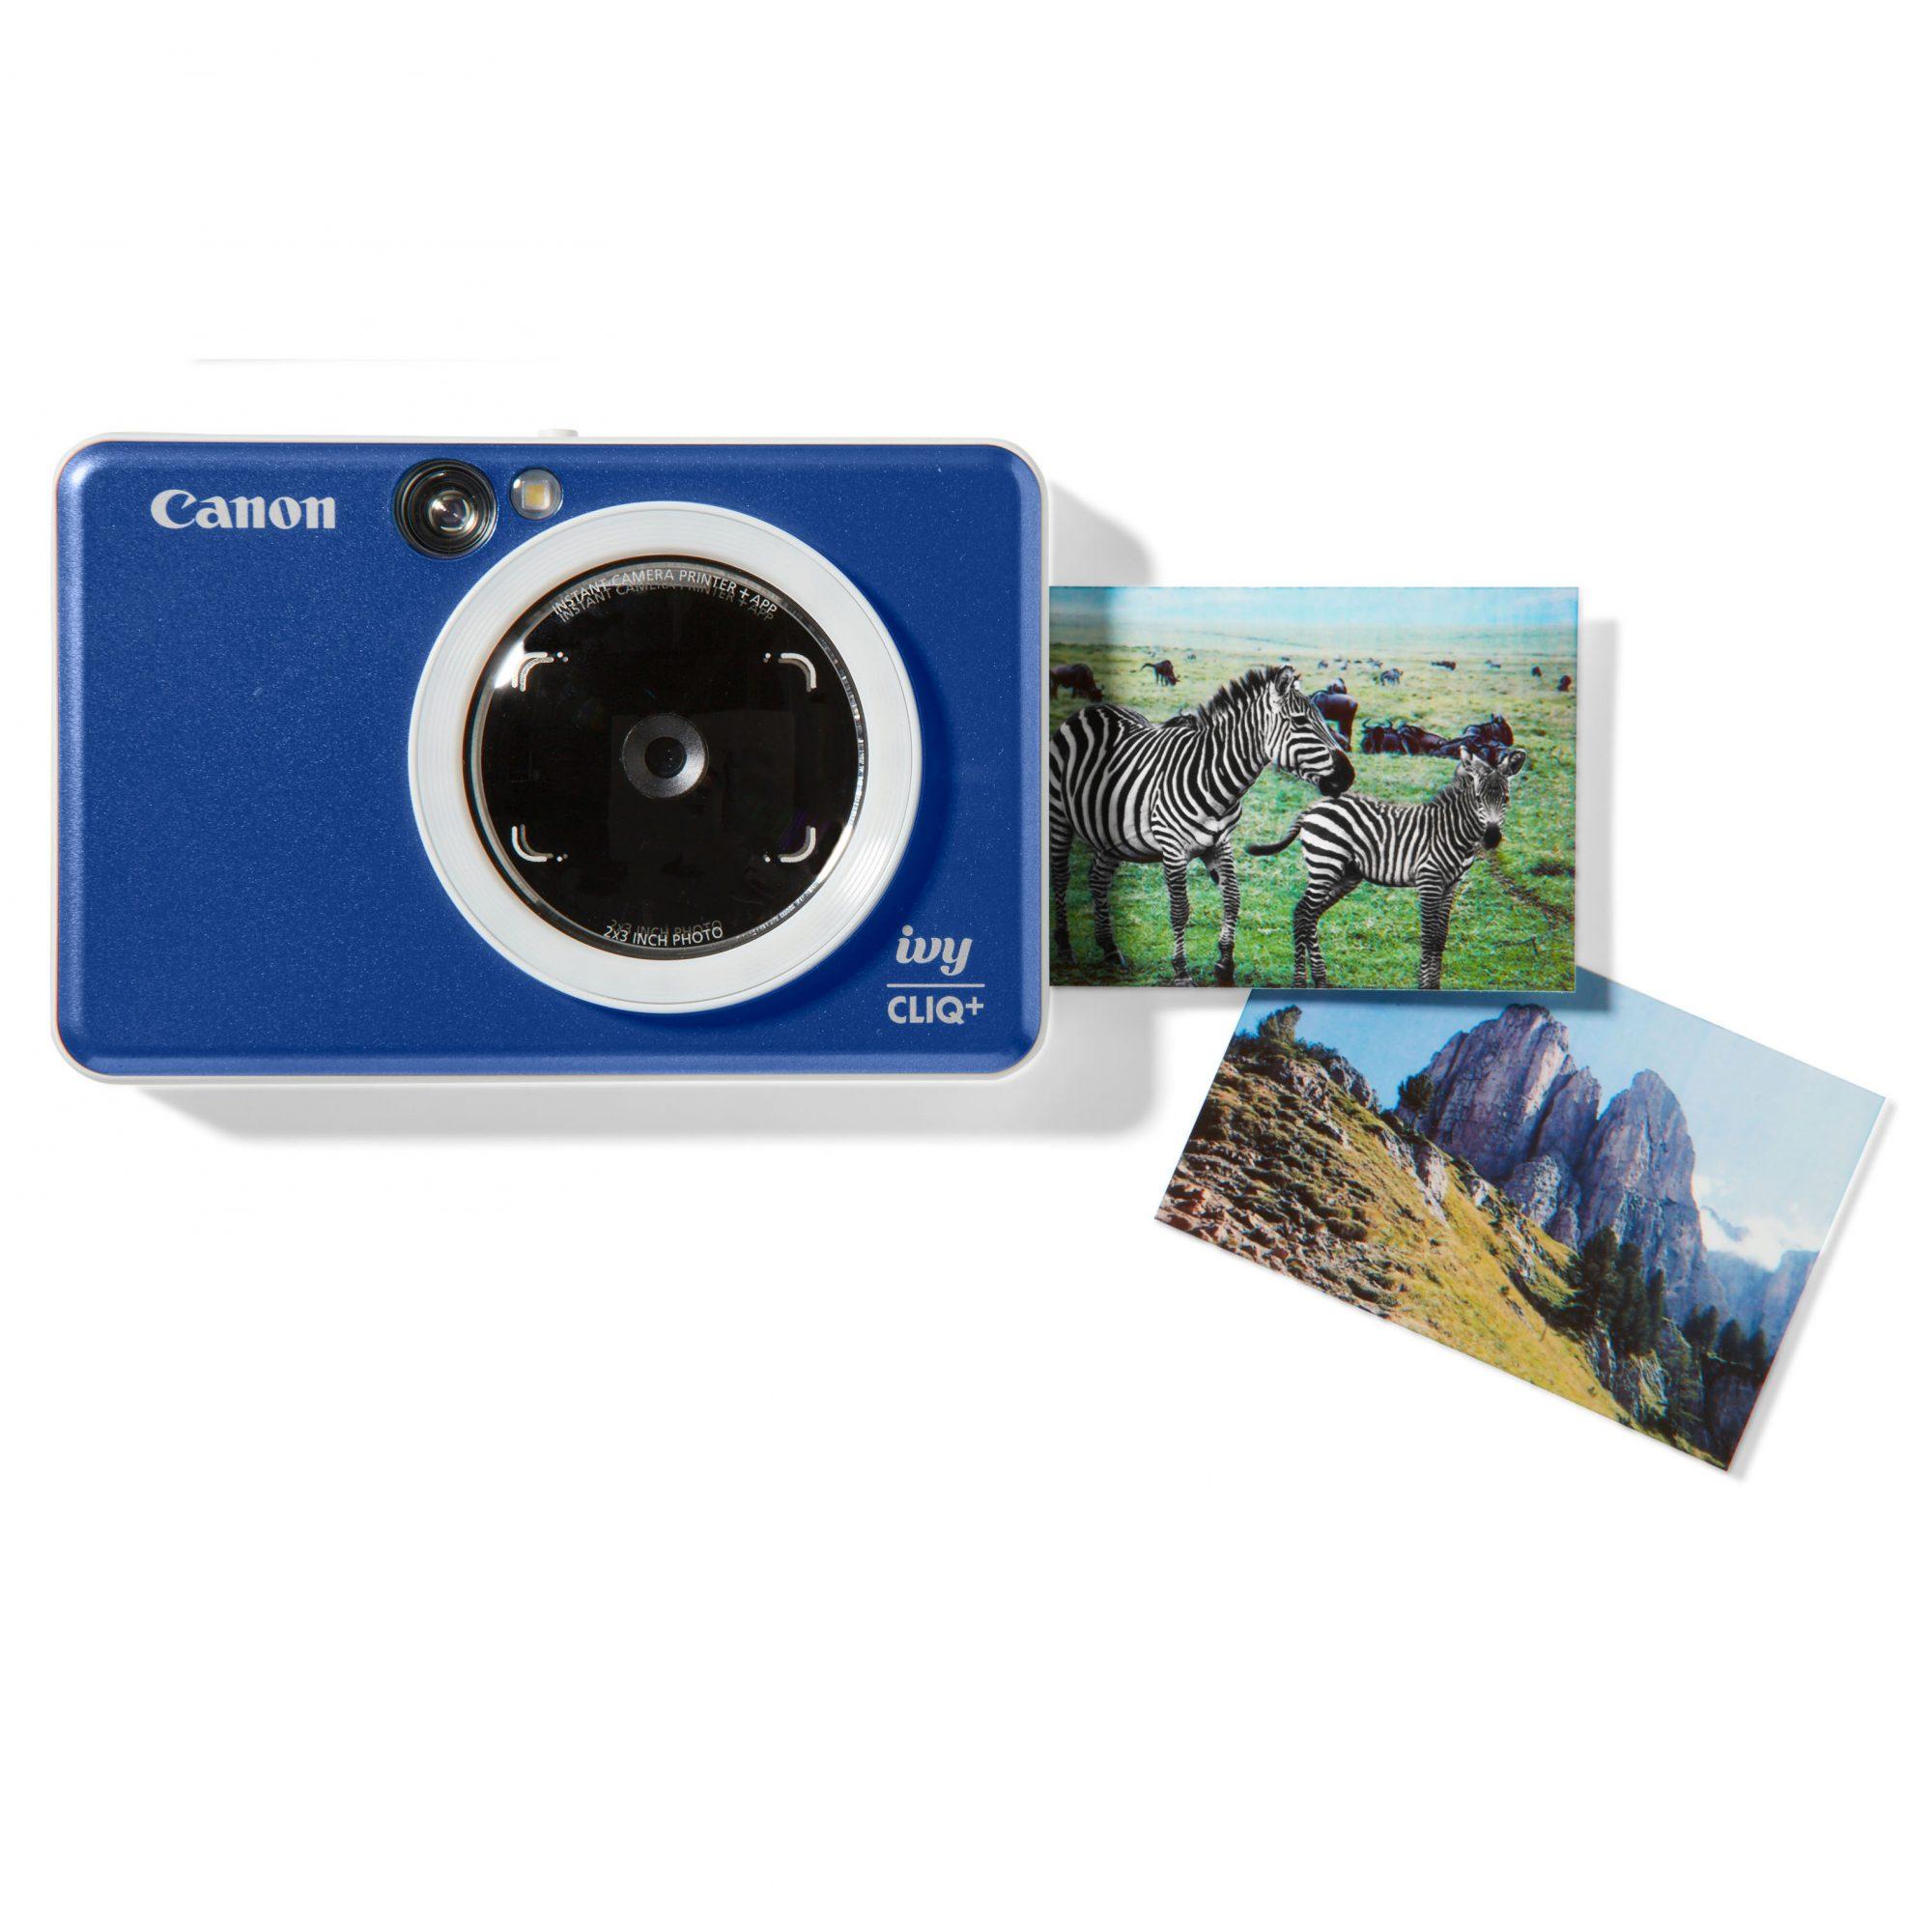 blue camera and photos